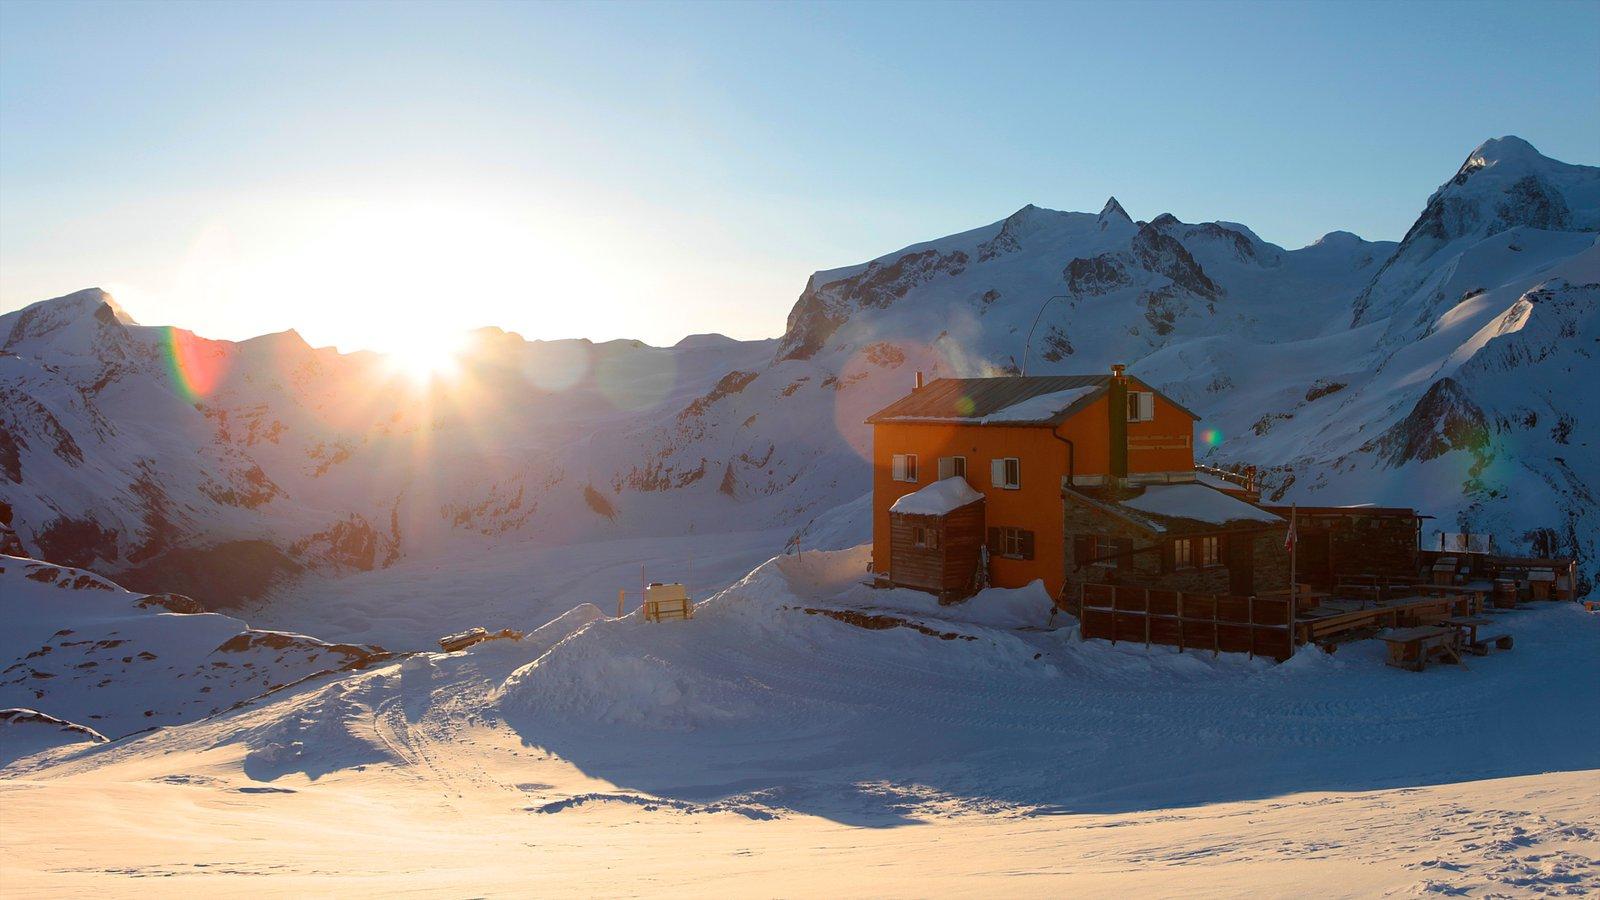 Matterhorn que incluye nieve, una puesta de sol y una casa